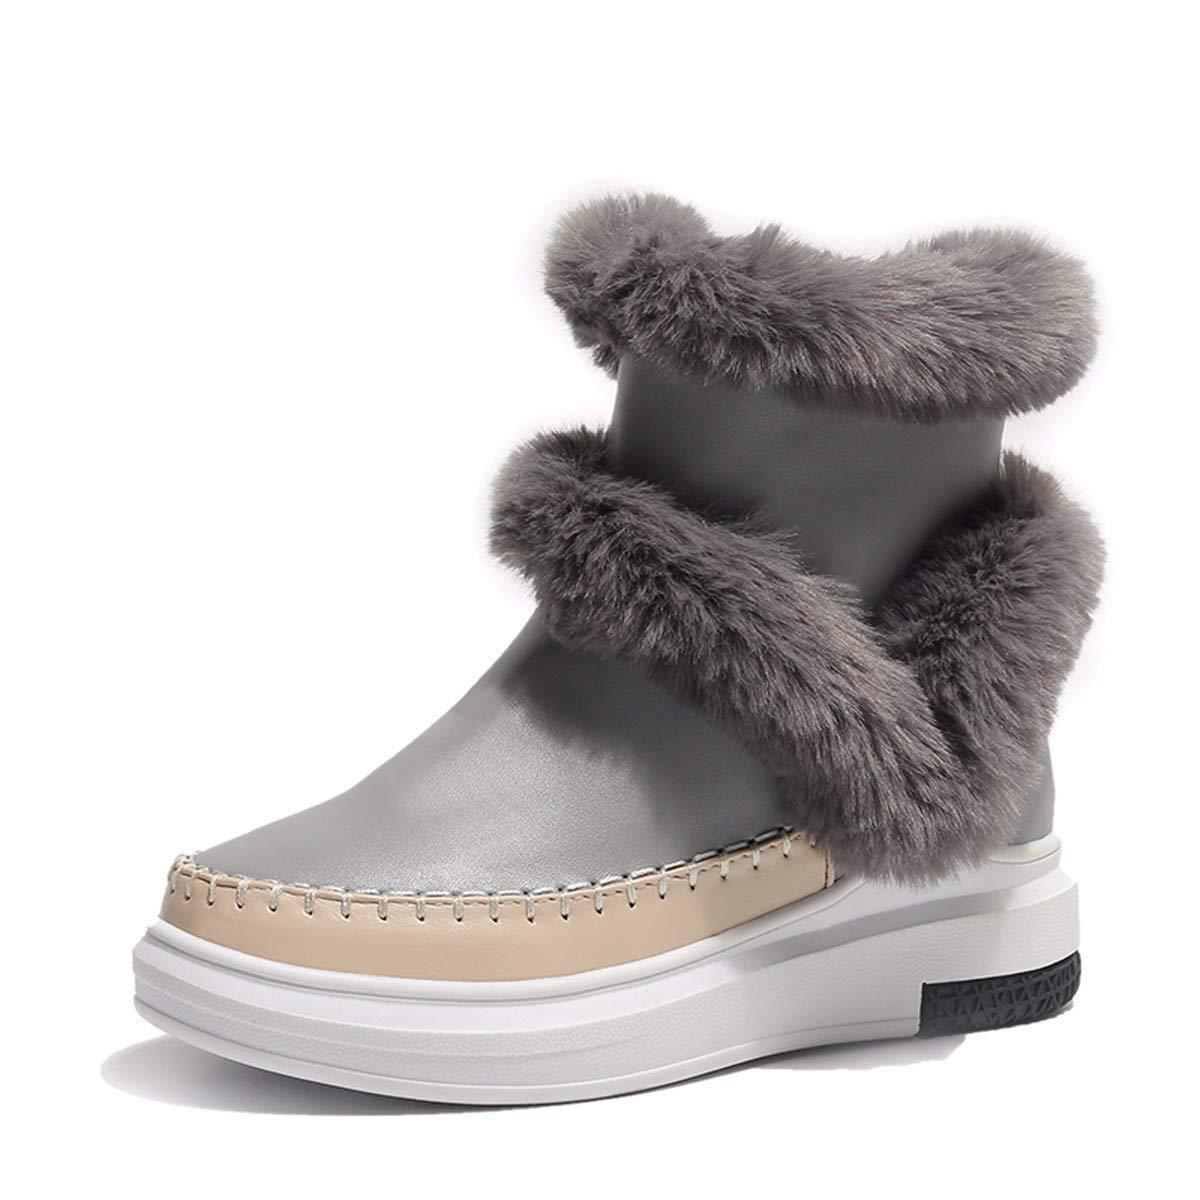 KPHY Damenschuhe/Stiefeln Winter Warm Und SAMT Kurze U - Baumwolle - Schuhe Sportliche Frauen Schuhe Kurze Stiefel Joker Anti - Slip